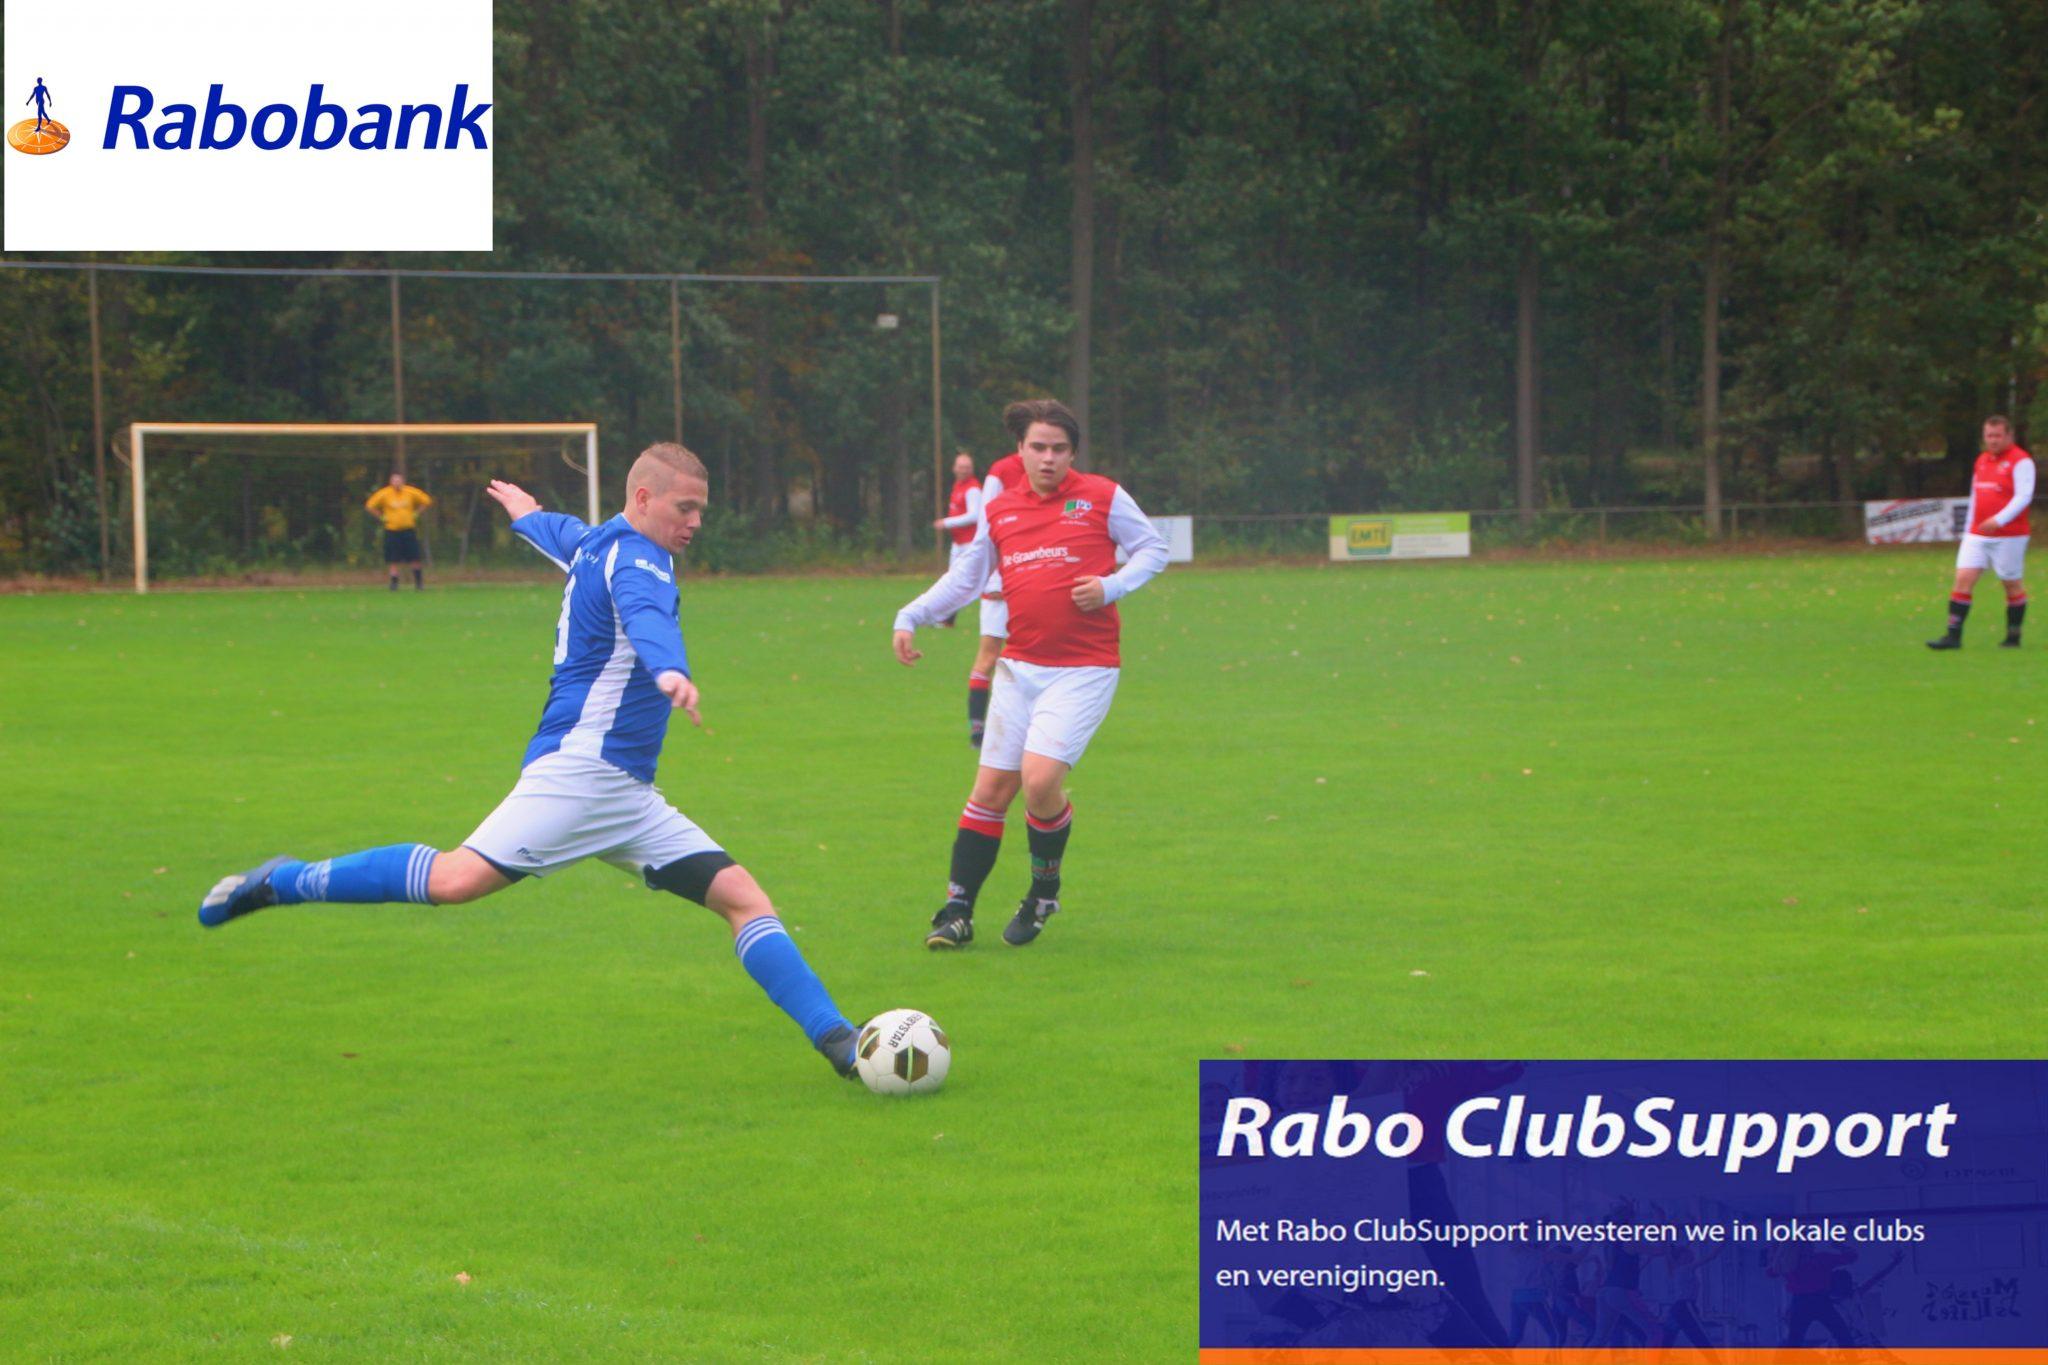 Wij doen mee met Rabo ClubSupport! Kunnen wij op jouw stem rekenen? Vanaf 5 oktober kunt u direct stemmen in de Rabo App of online op rabobank.nl/clubsupport